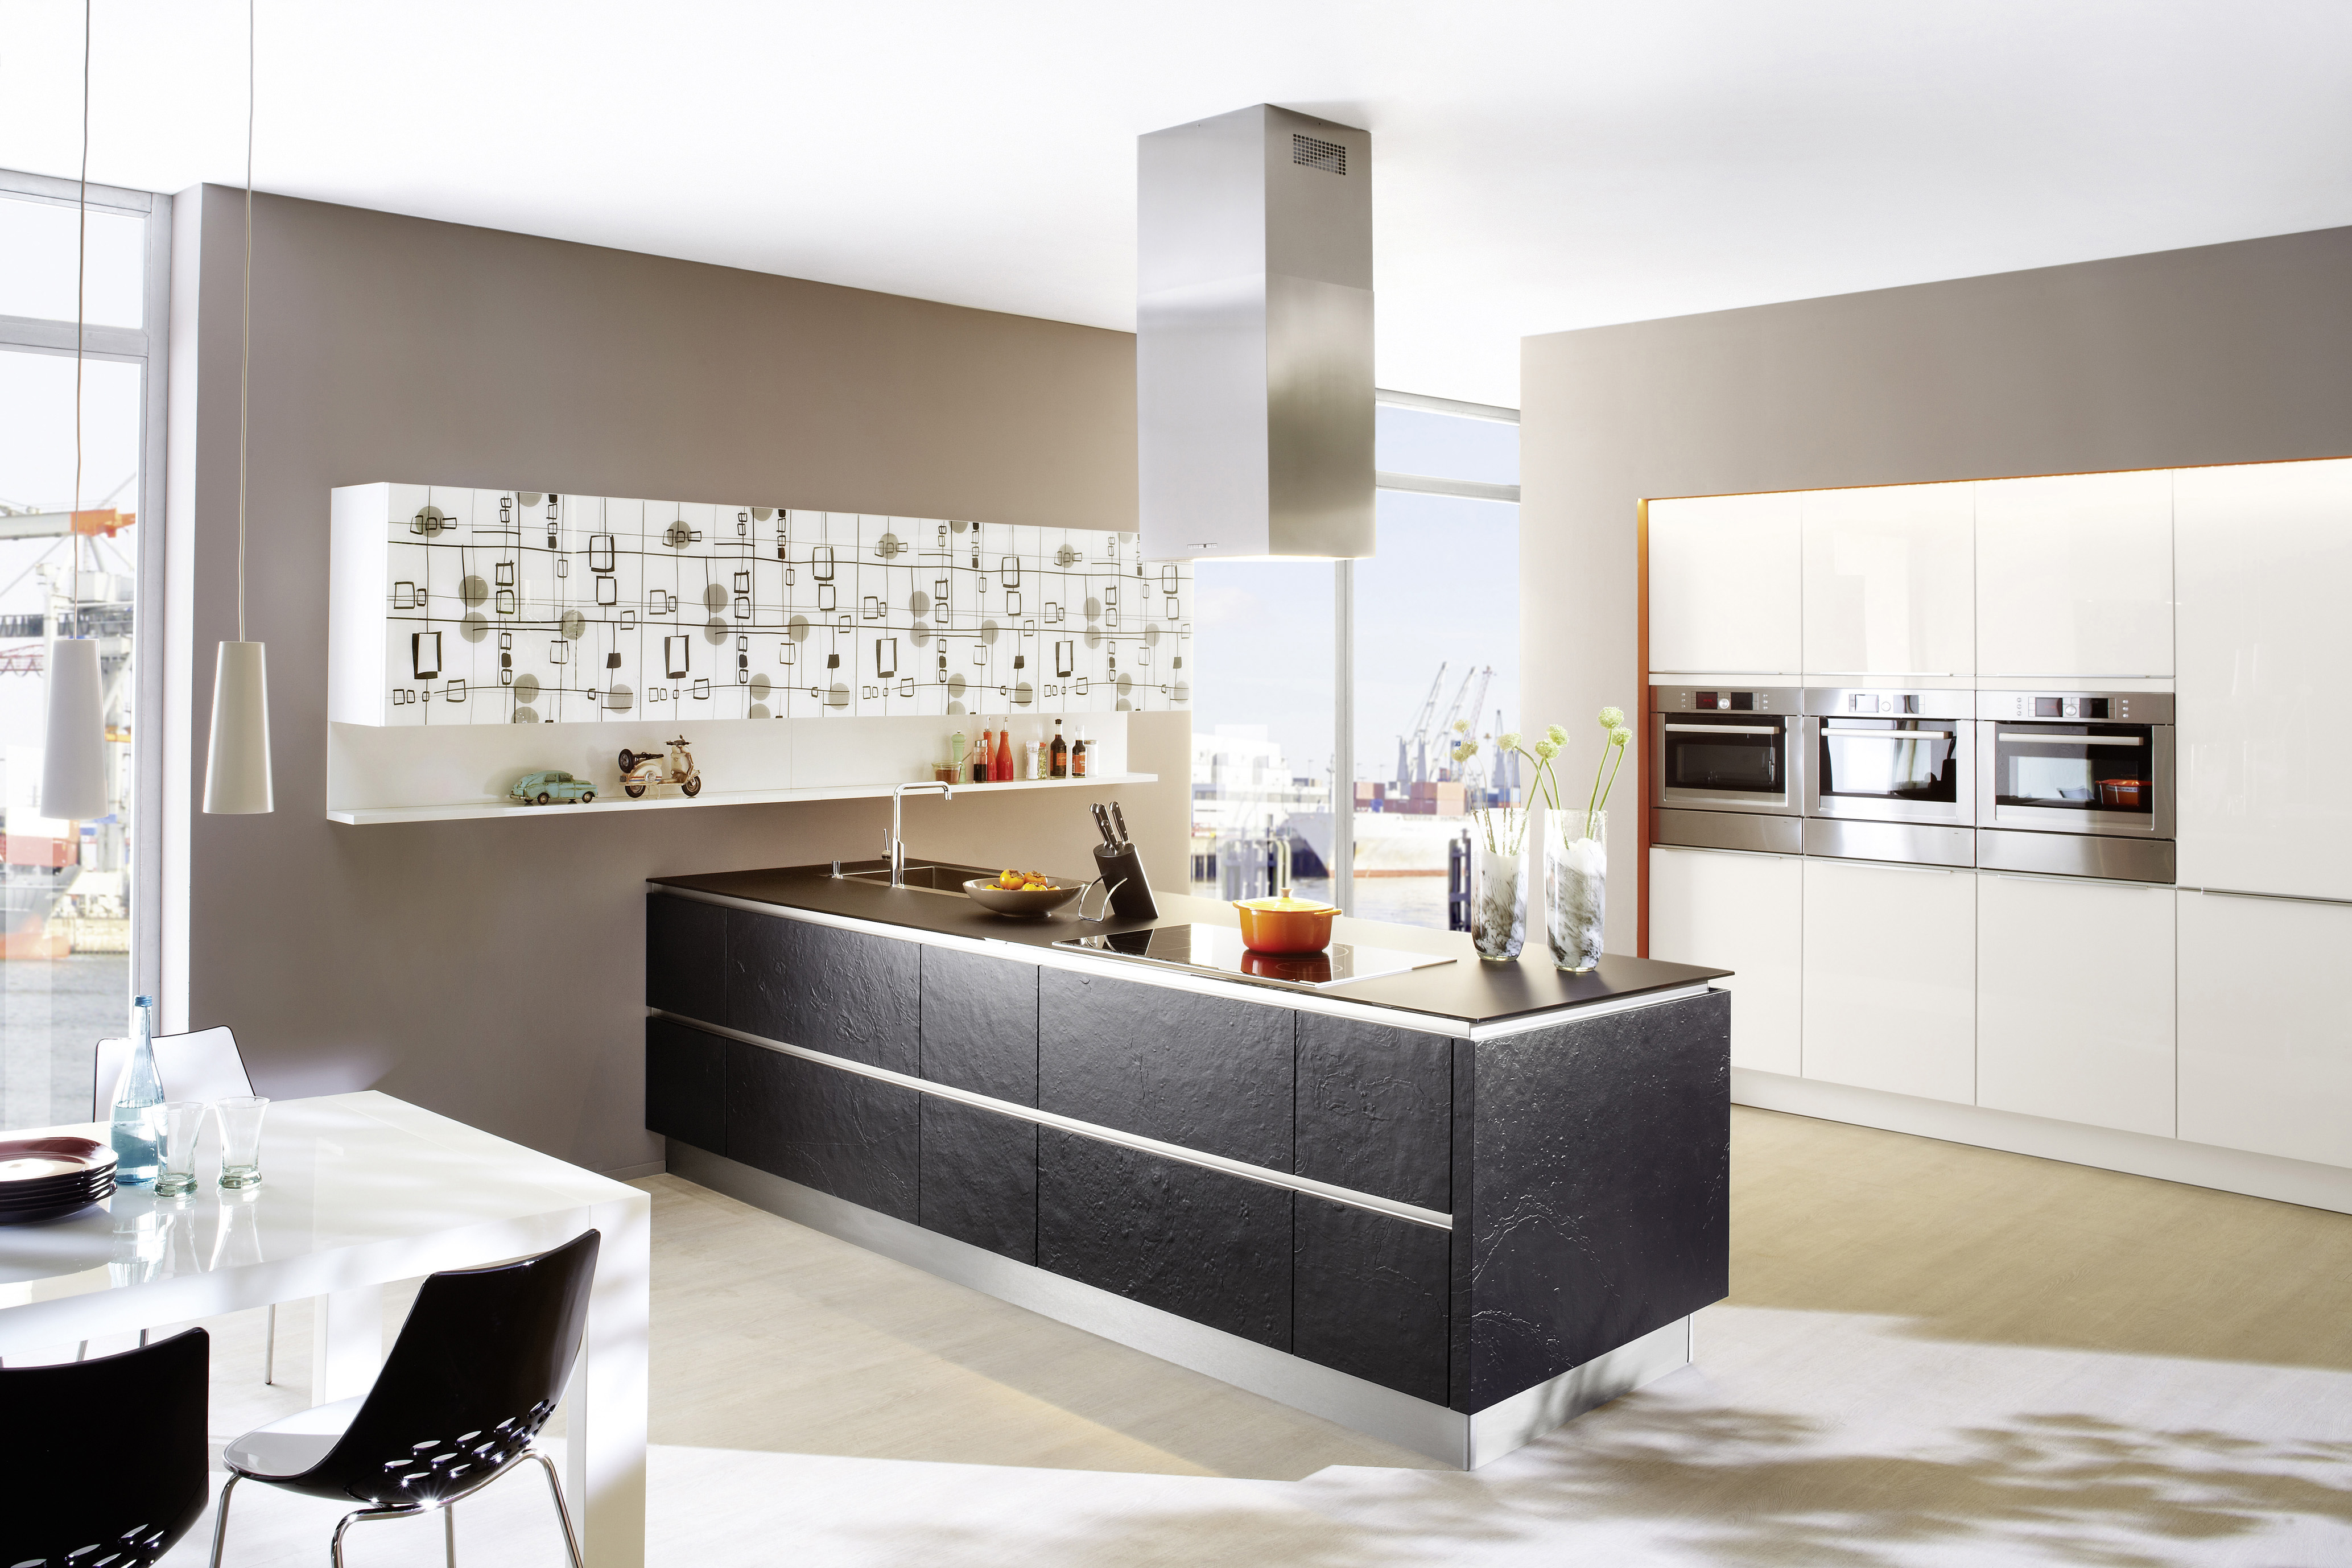 elektroger te in der modernen k che lautlos durch die nacht amk arbeitsgemeinschaft die. Black Bedroom Furniture Sets. Home Design Ideas